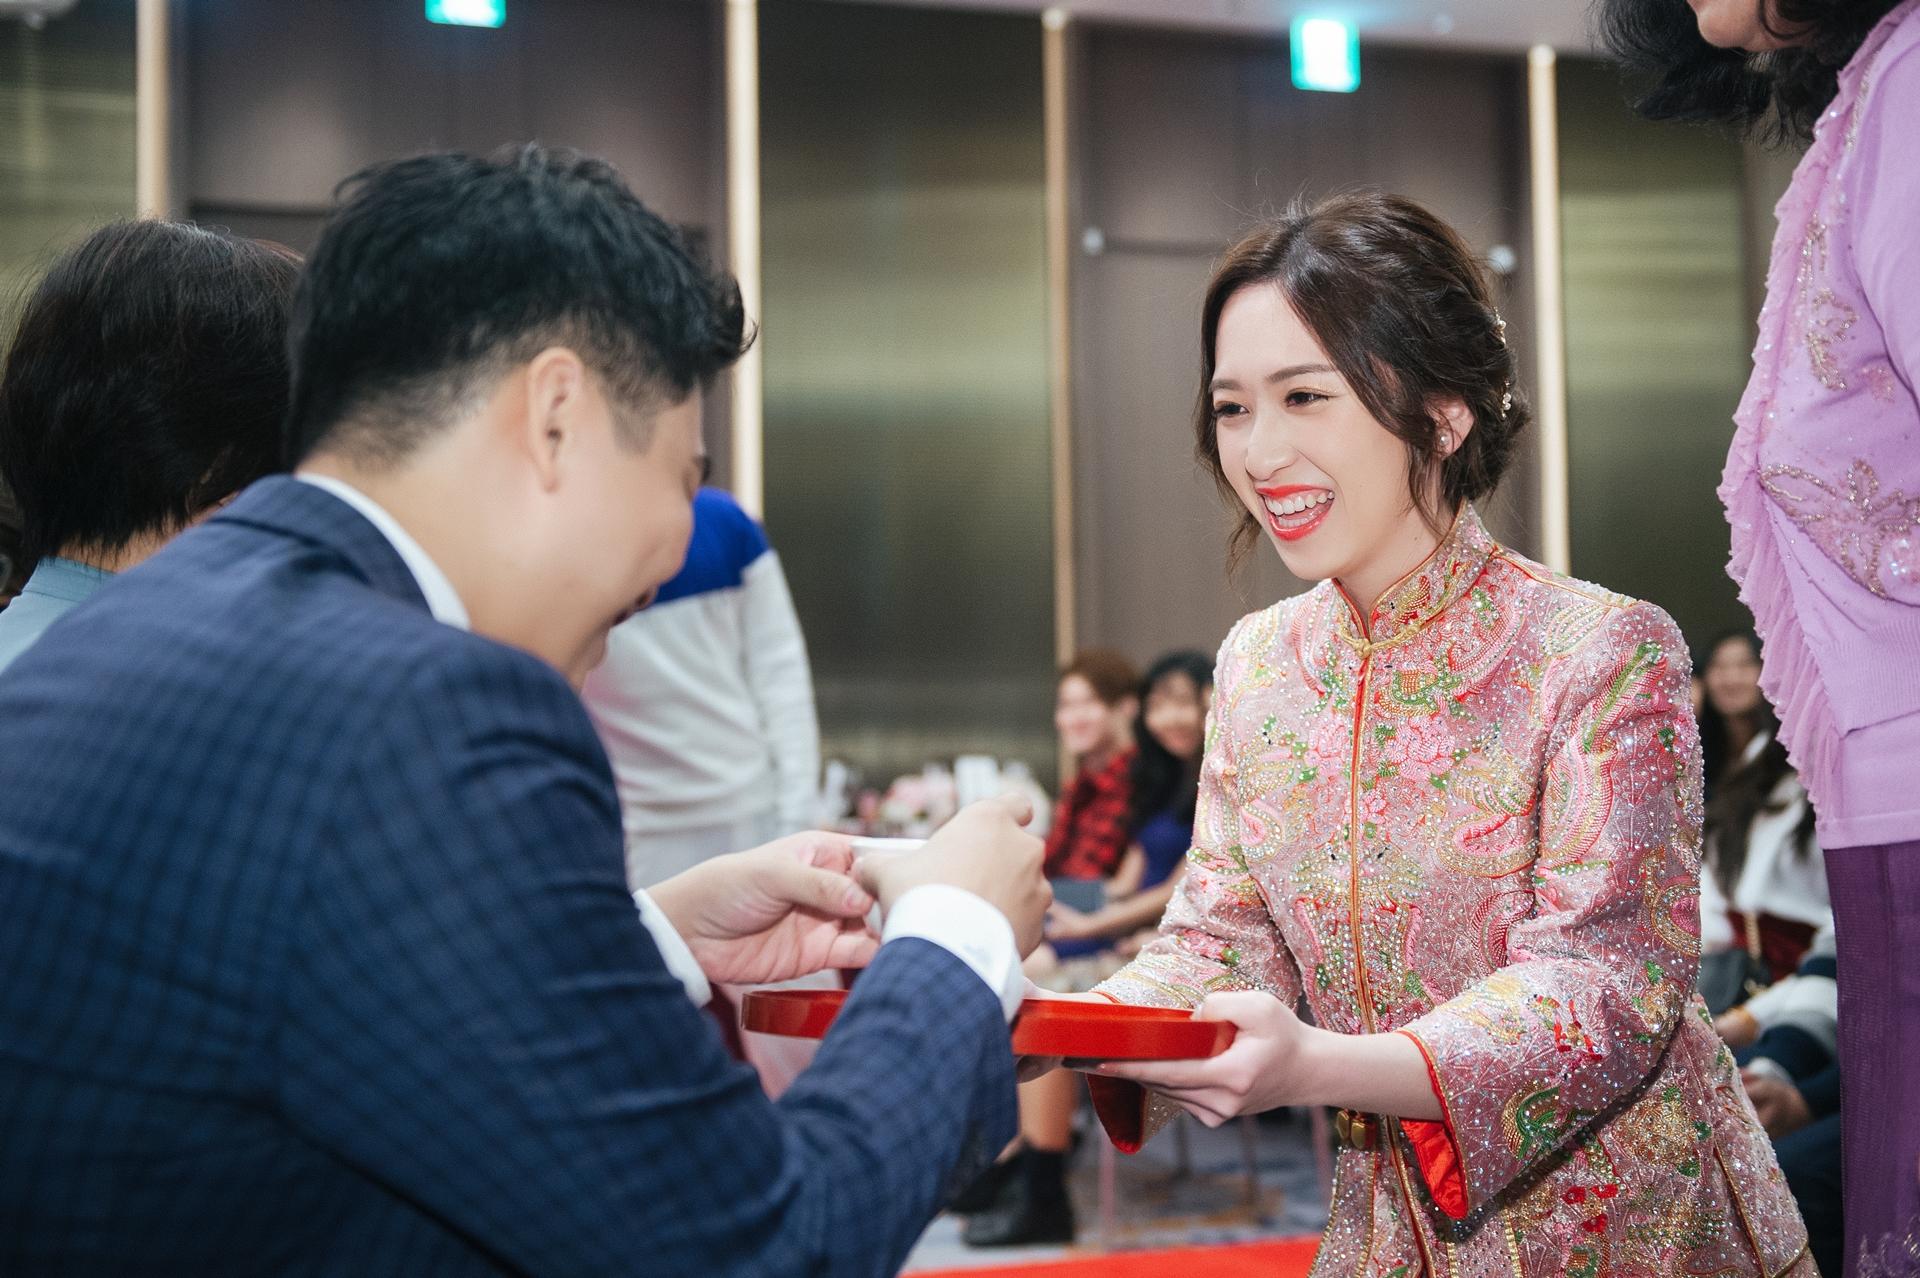 [婚禮紀錄-Fountain] 2019.11.23-台北國泰萬怡